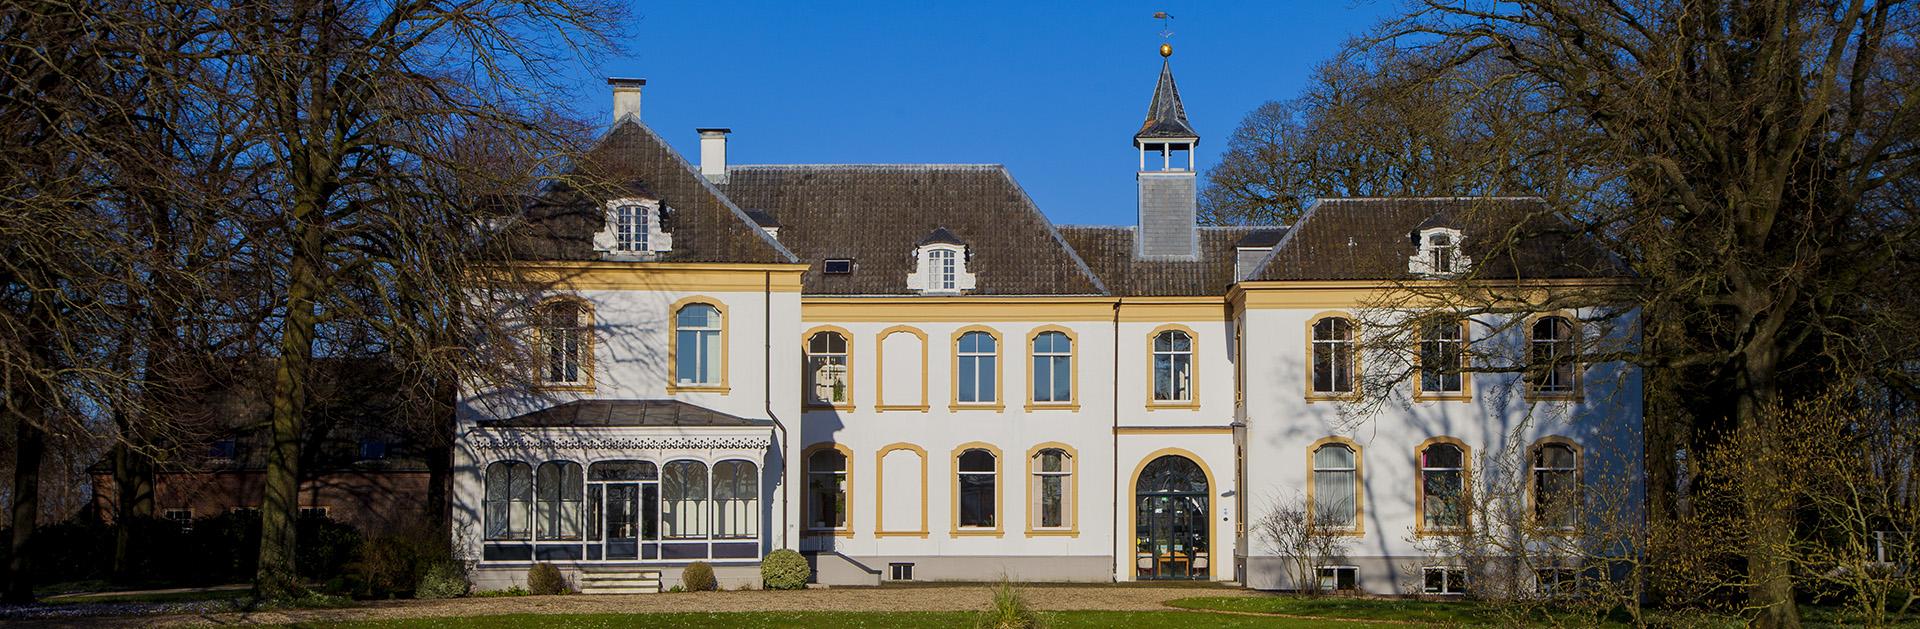 Huis Baak - Baak